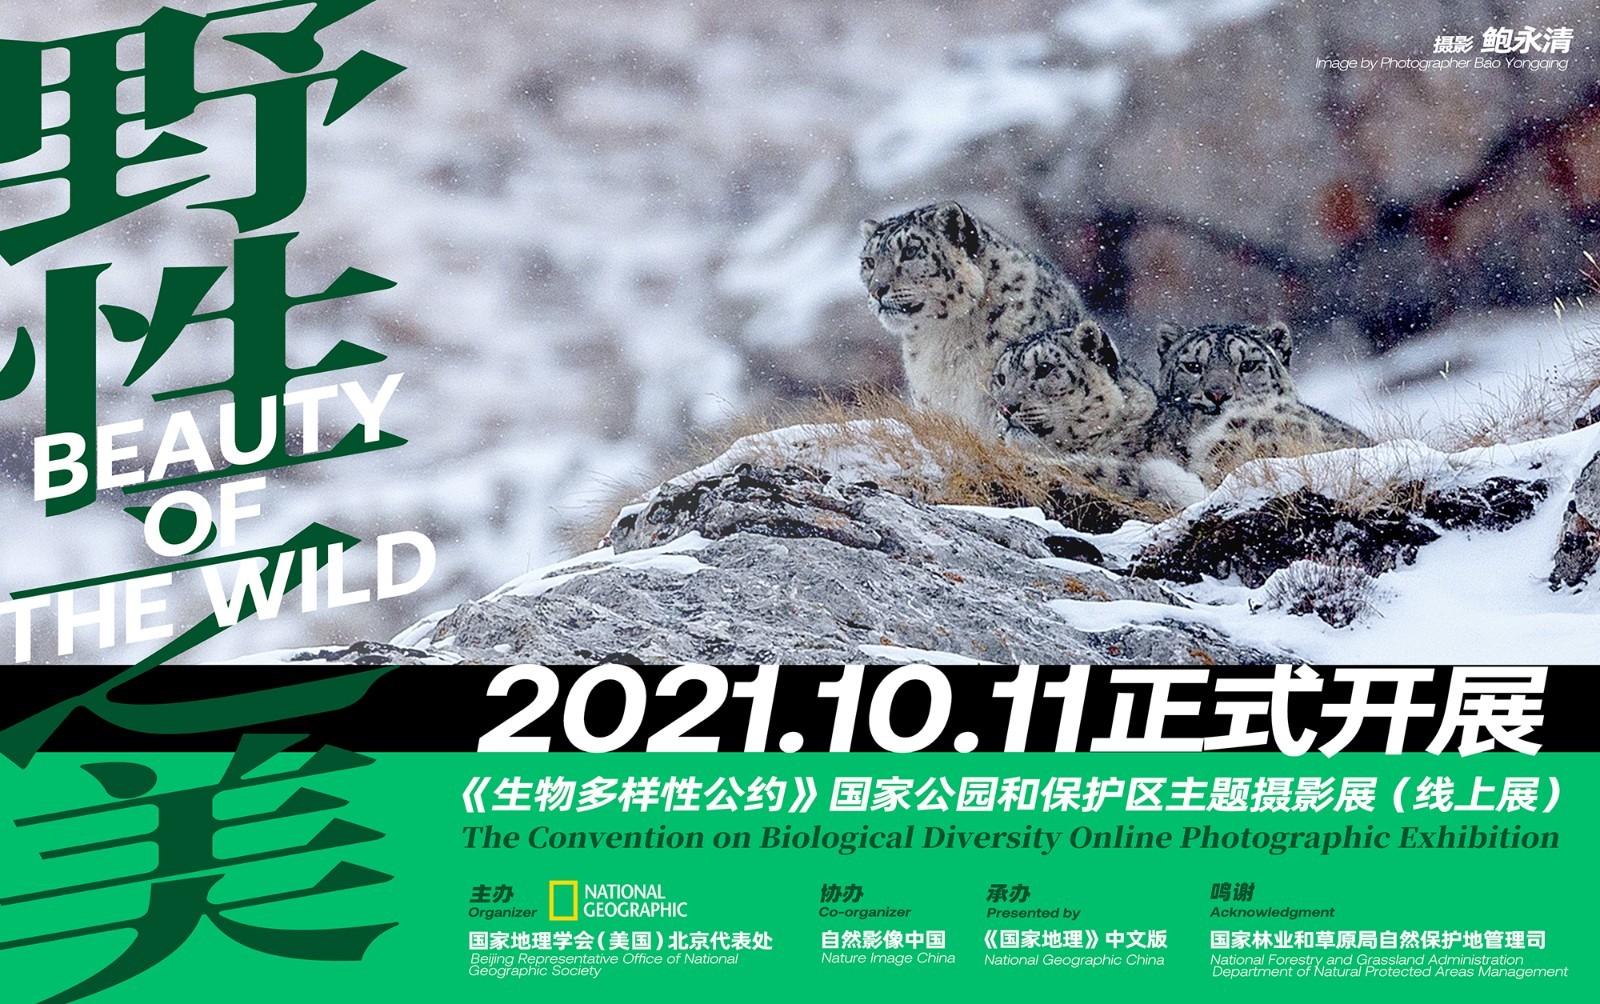 《野性之美》国家公园和保护区主题摄影展开幕